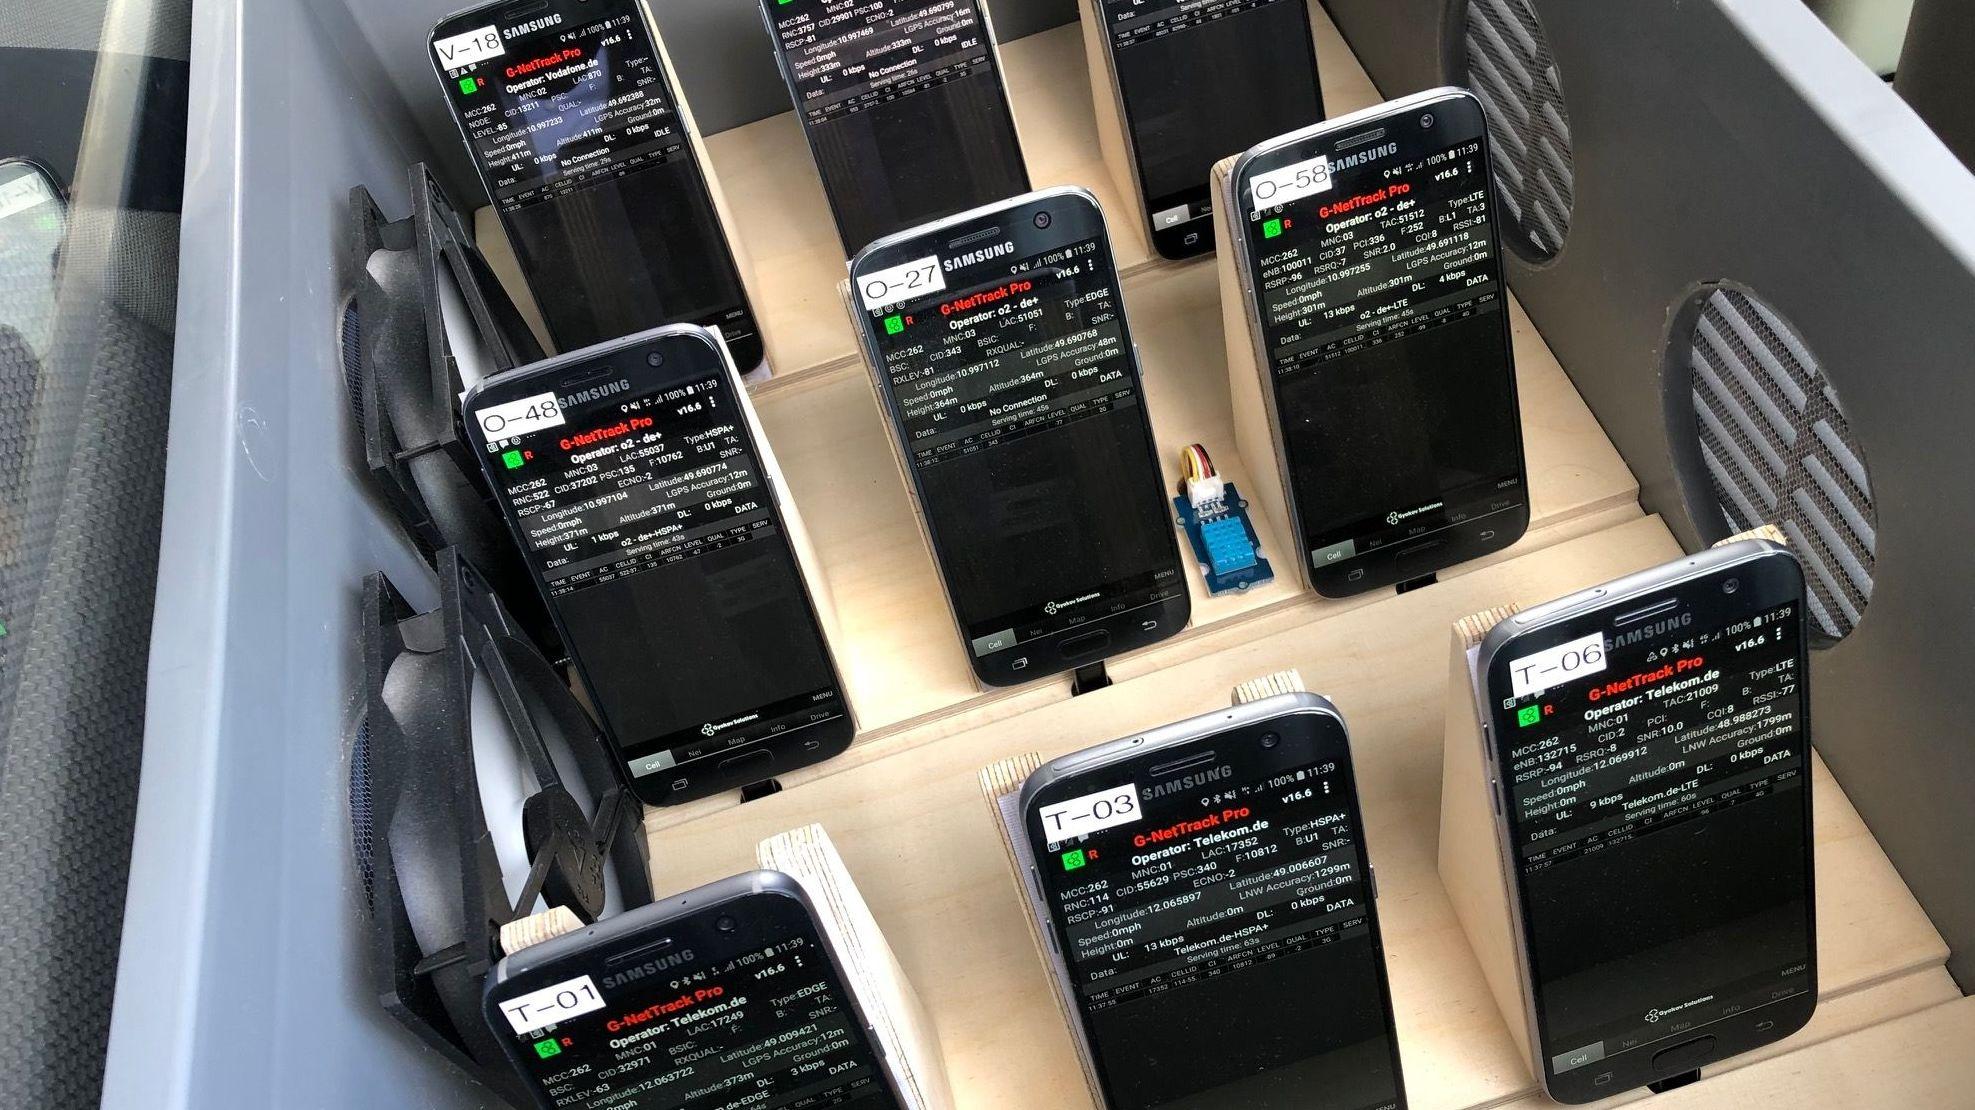 Endgeräte spüren Funklöcher im Mobilfunknetz auf